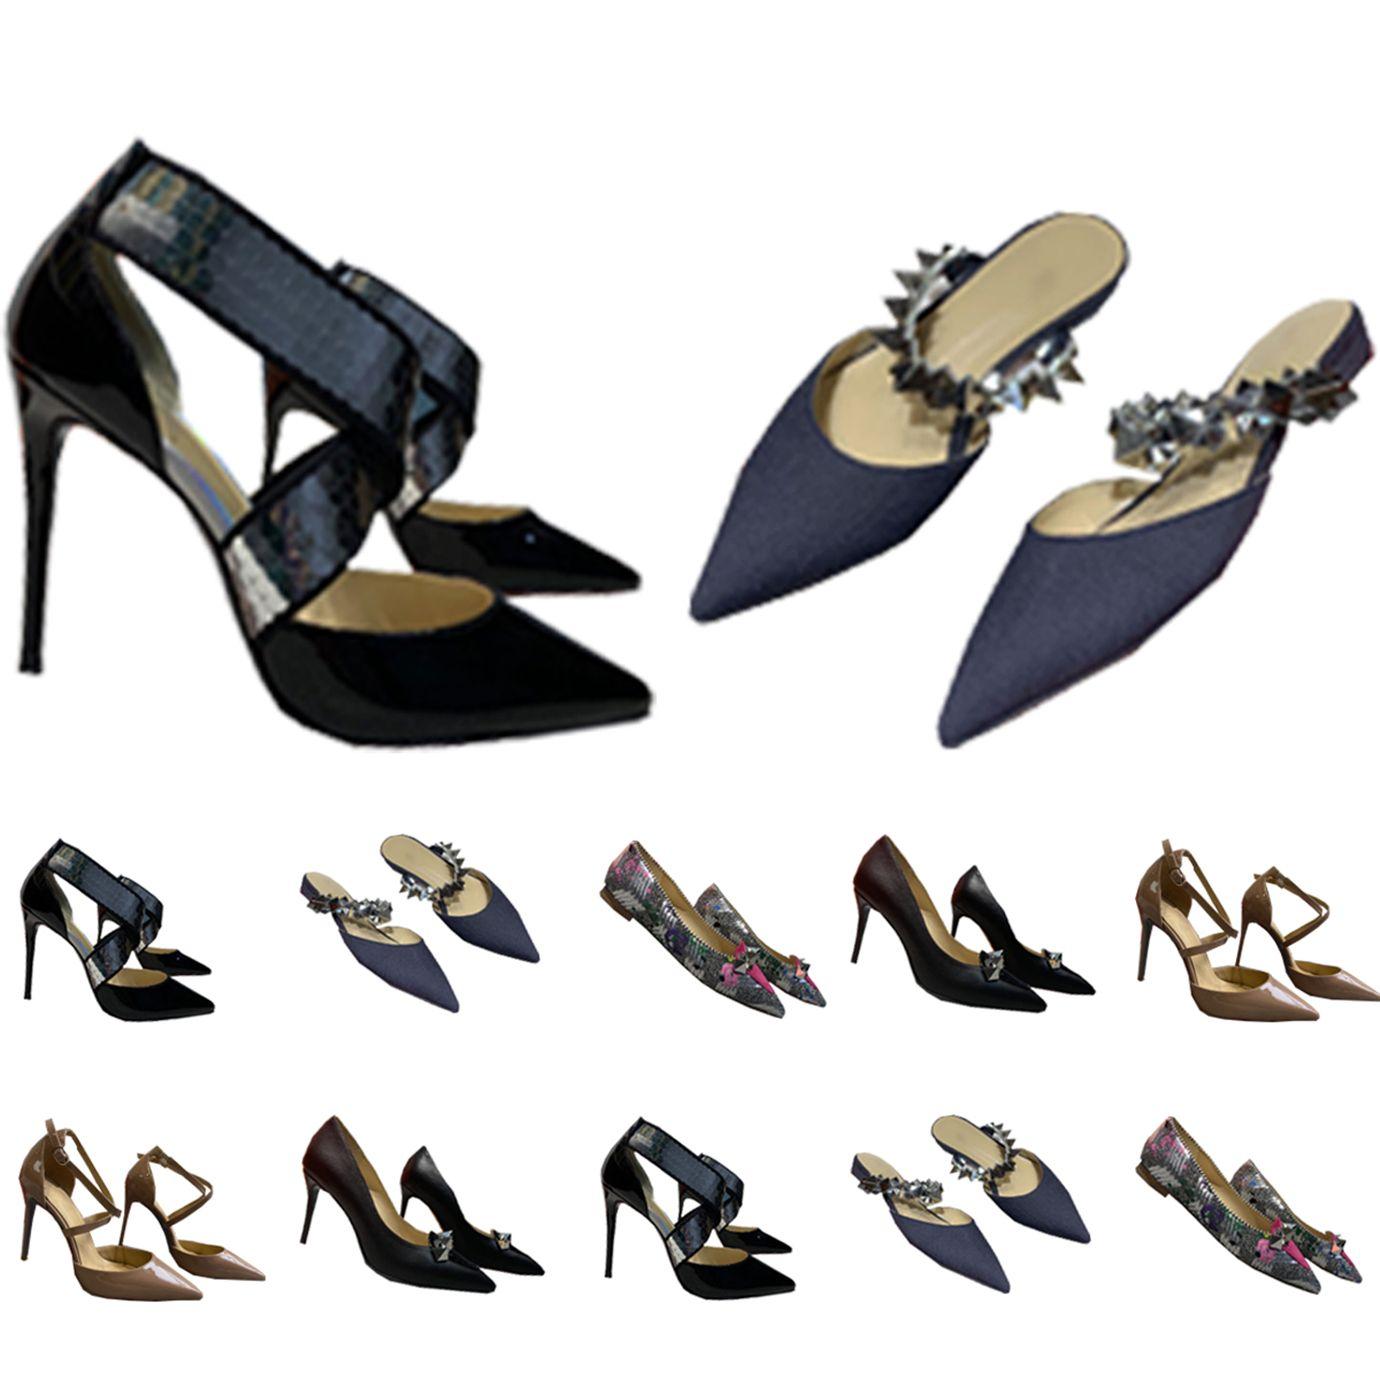 Sandálias Mulheres Vestido Sapatos Vermelho Bottom High Saltos Mulheres Luxurys Designers Genuíno Bombas de Couro Senhora Bottoms com caixa 032202